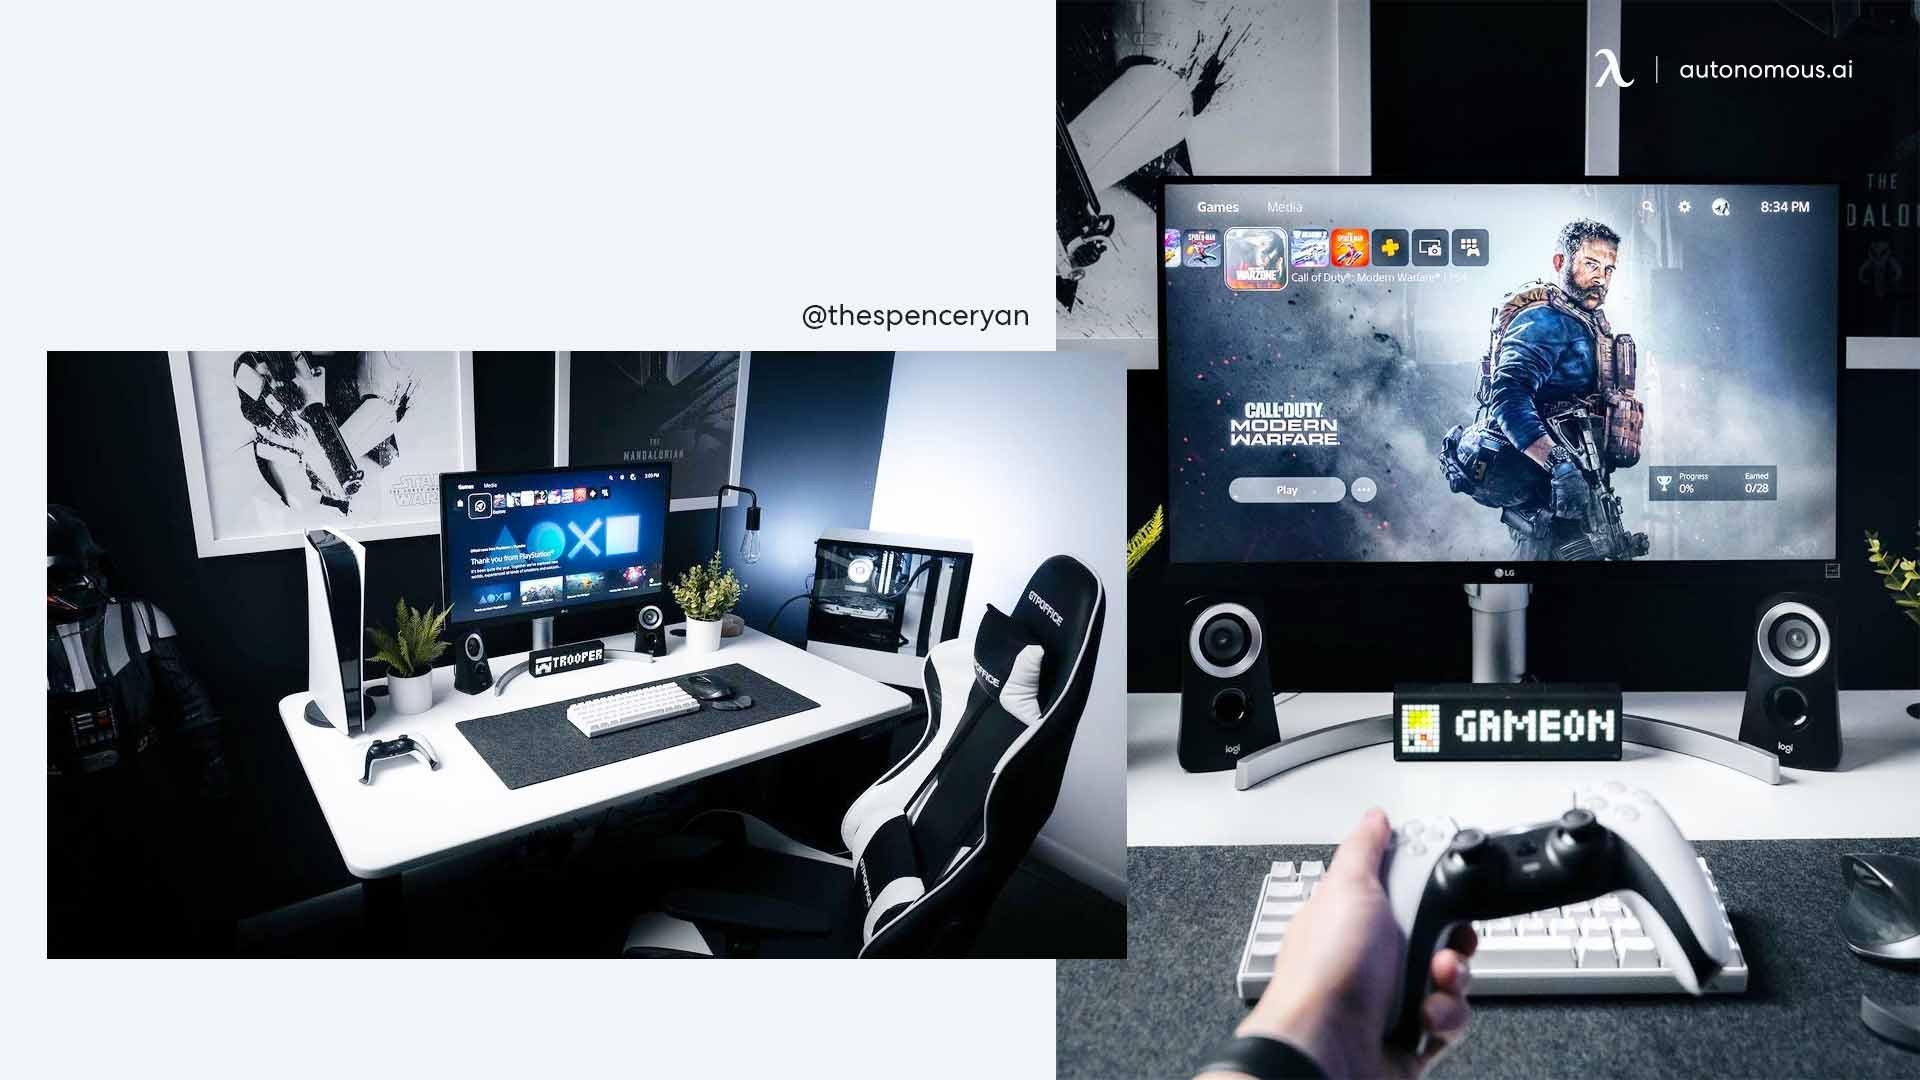 The Modern Black Minimal Gaming Setup